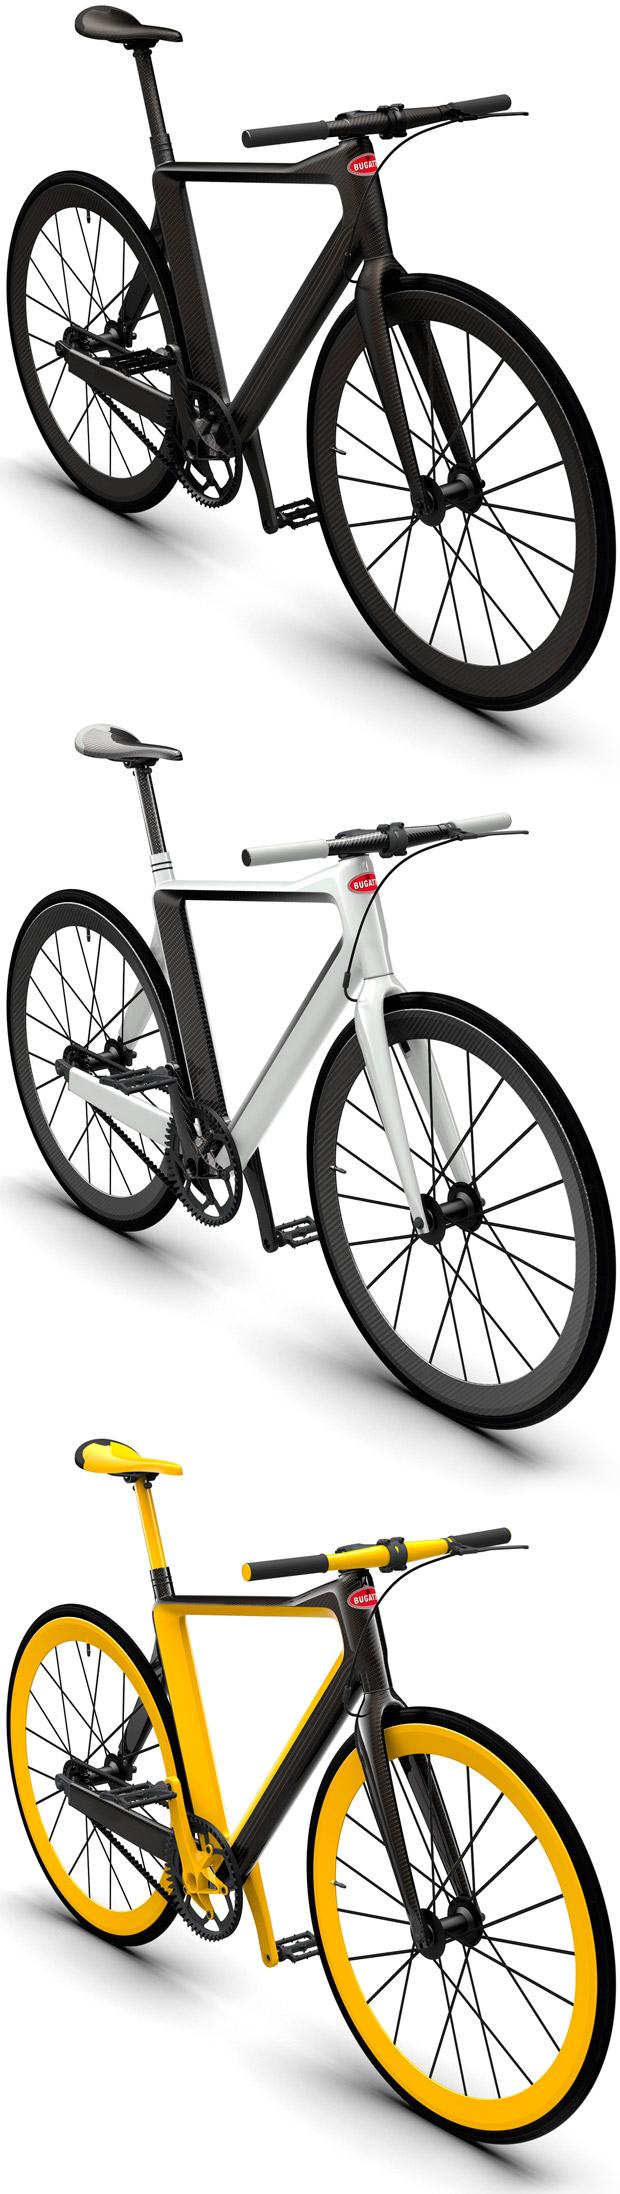 En TodoMountainBike: 39.000 dólares para la última creación de Bugatti, y sin motor: una bicicleta urbana de menos de 5 kilos